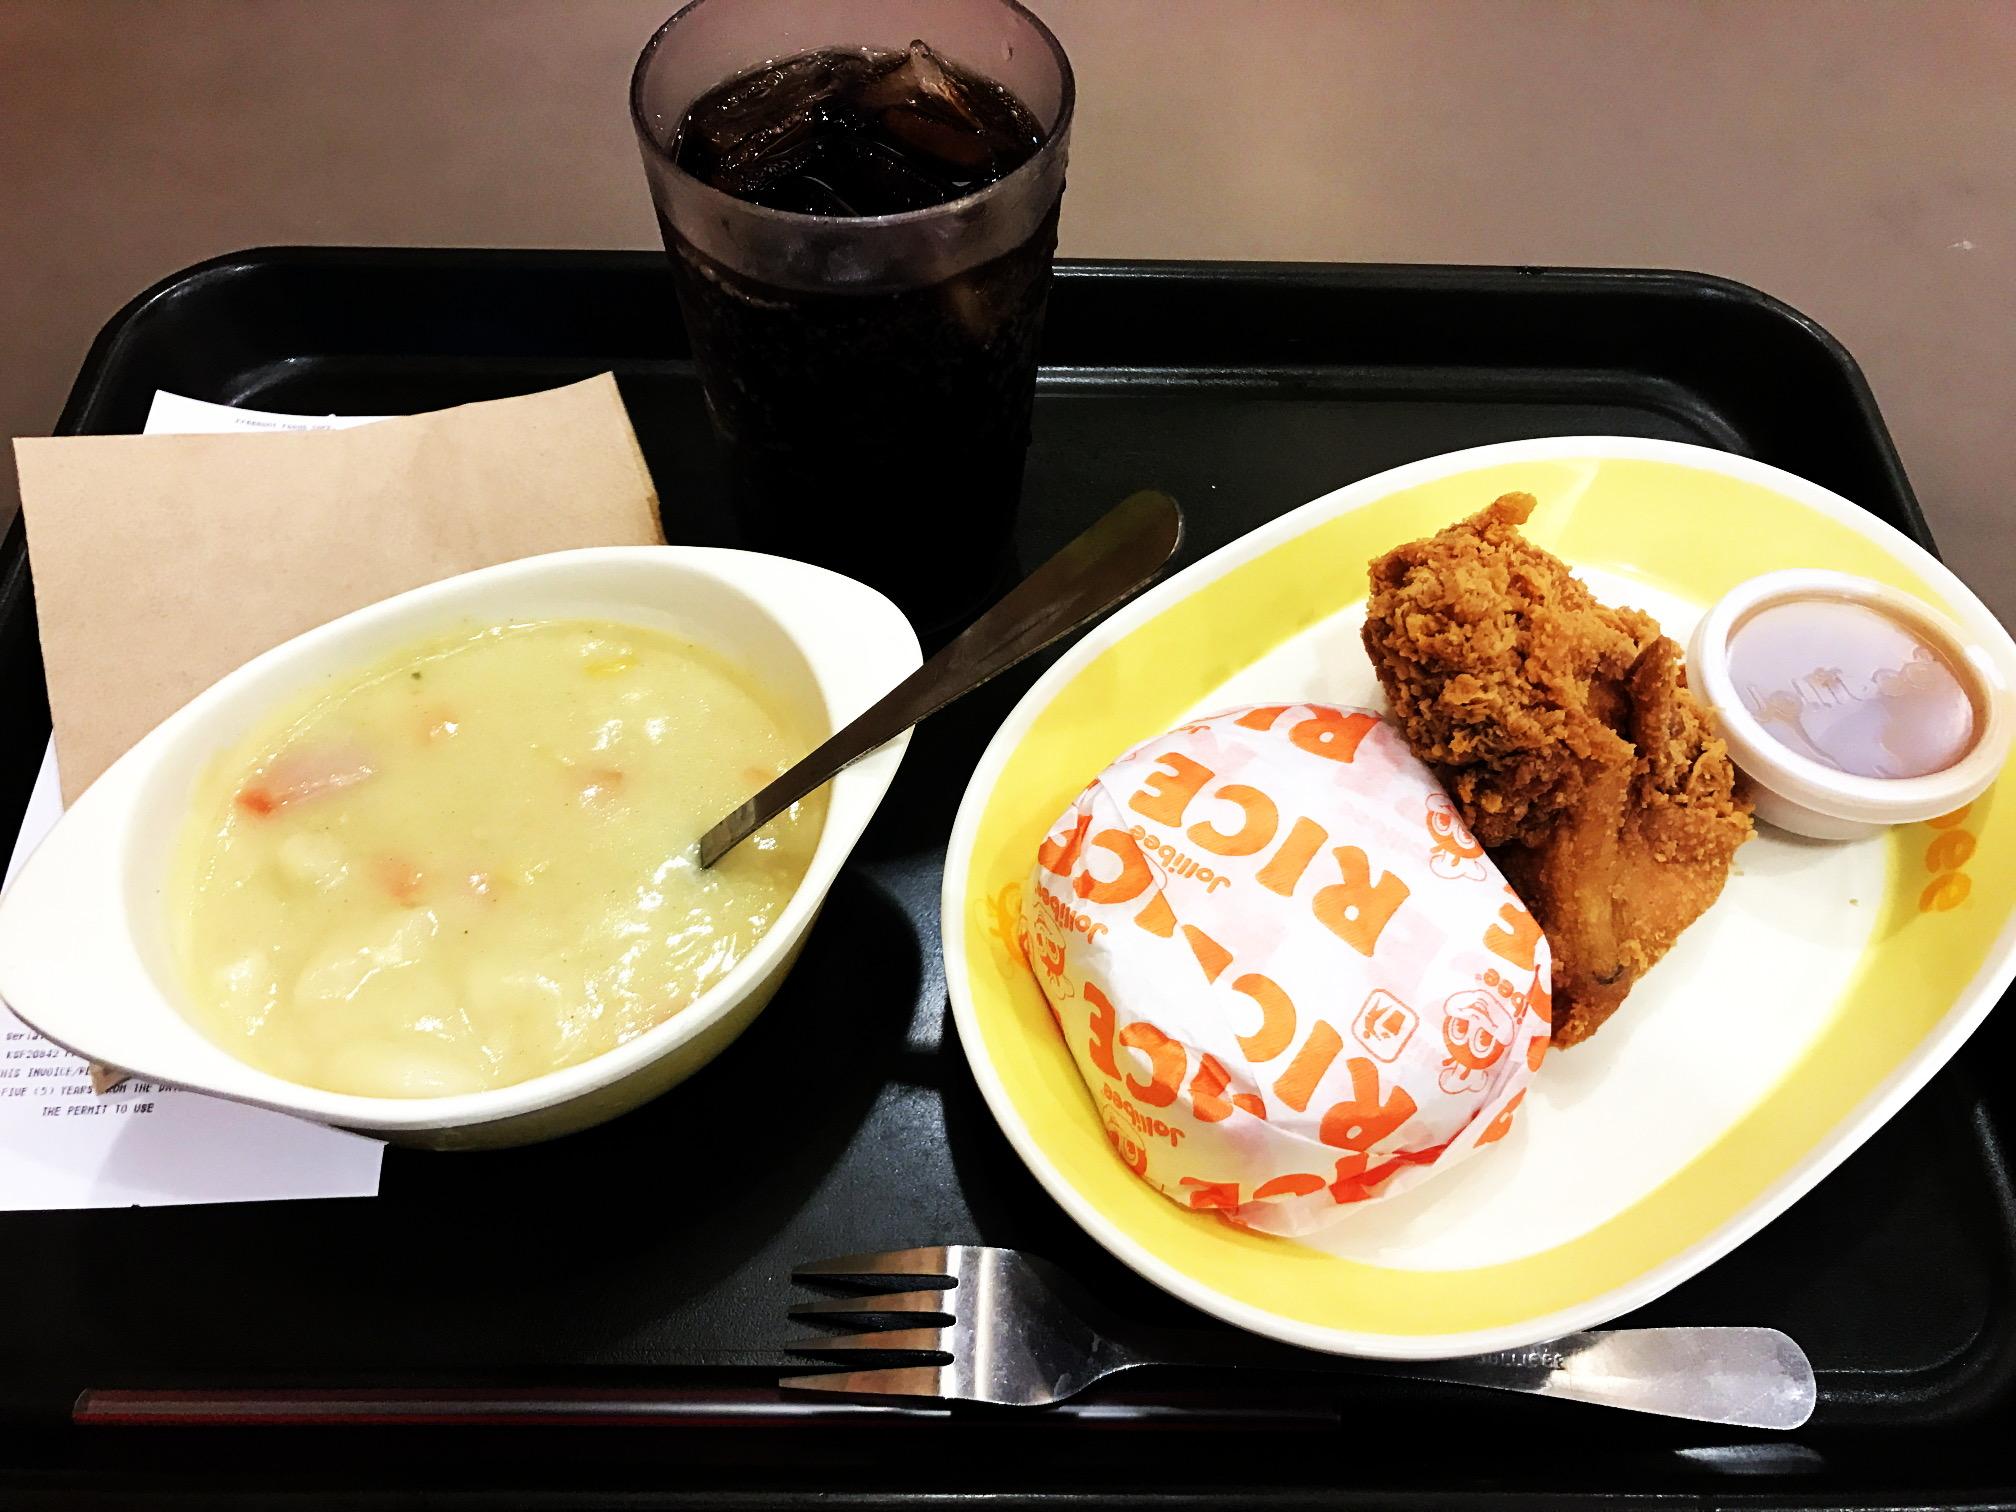 ジョリビーVSマクドナルド〜フィリピンのライス文化について〜